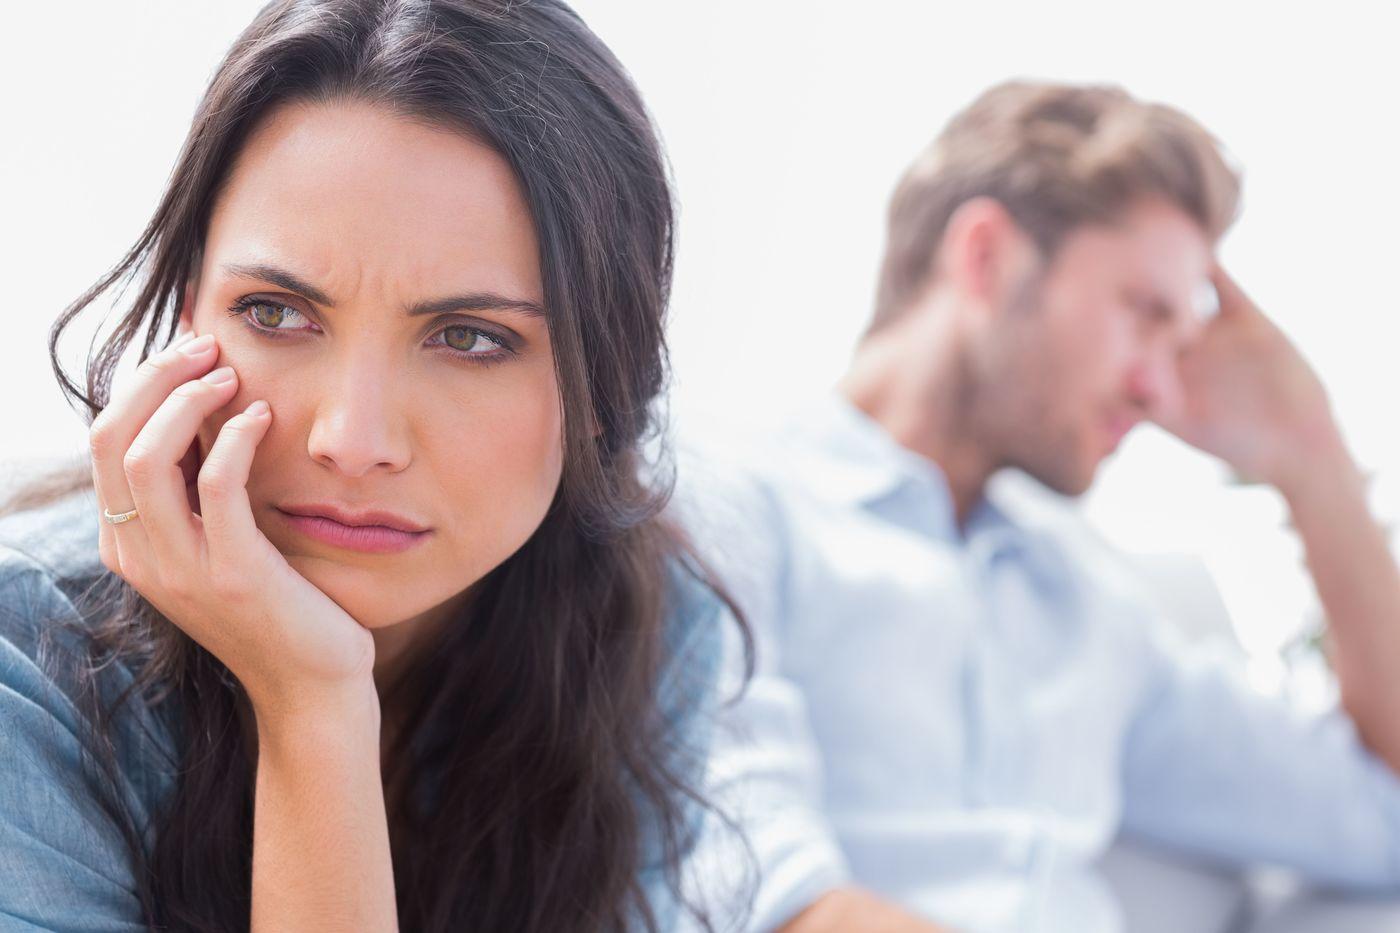 《カップル向け》恋人と距離を置くときの対処法・理想的な期間とは?の16枚目の画像